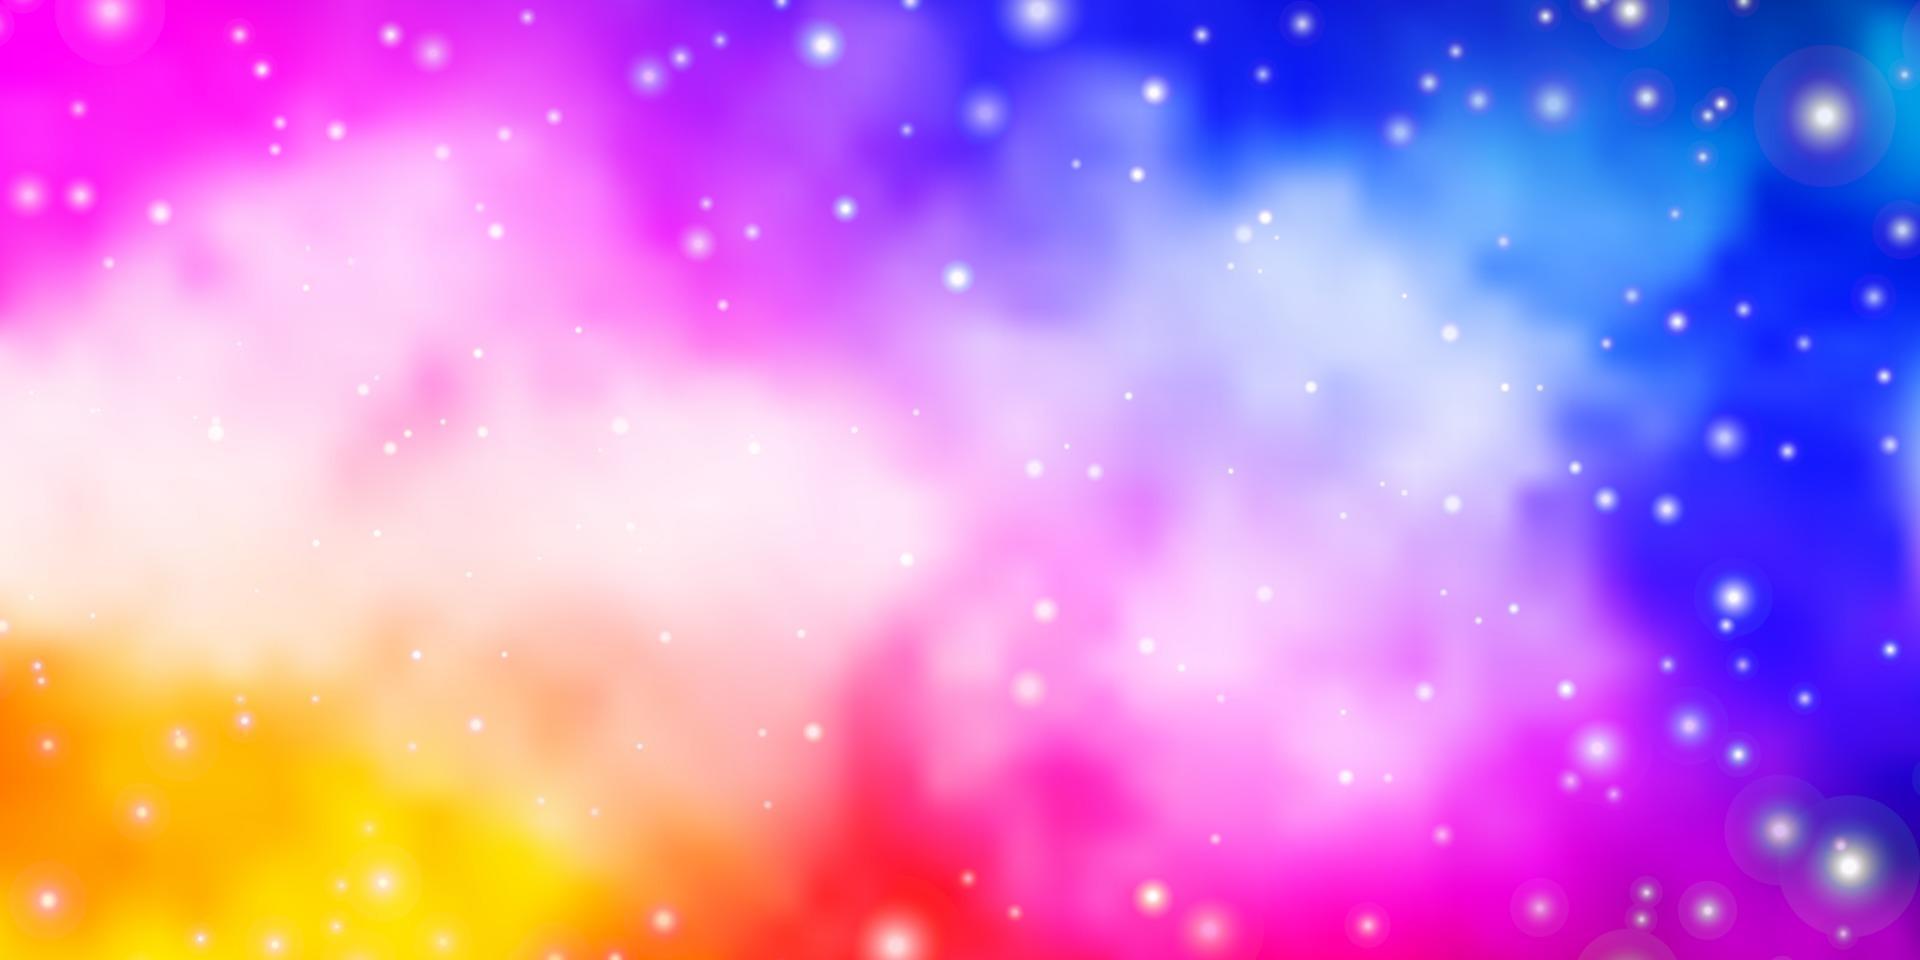 ljusrosa, blå vektorstruktur med vackra stjärnor. vektor